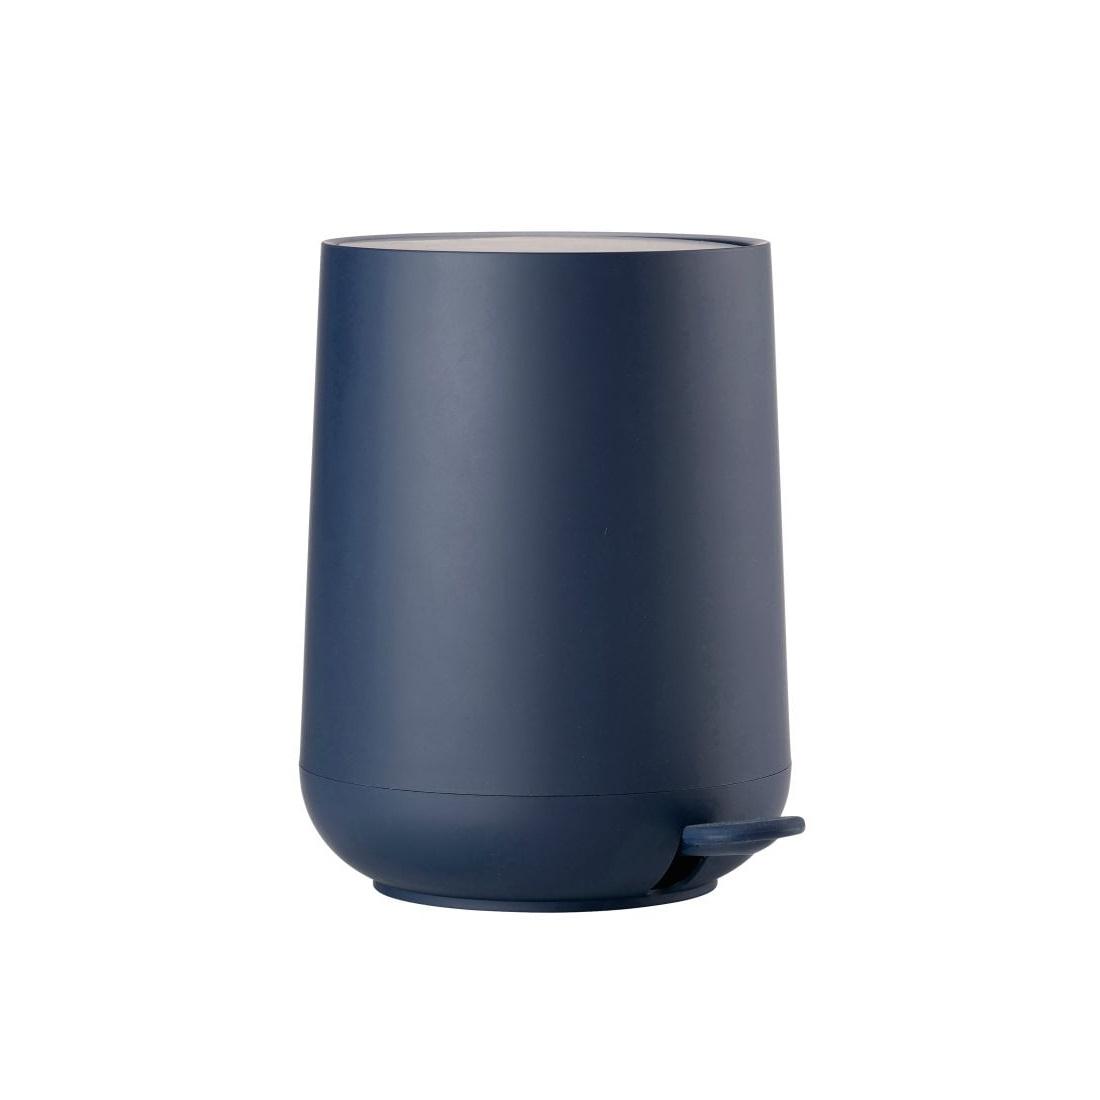 Pedal bin royal blue nova 3 L